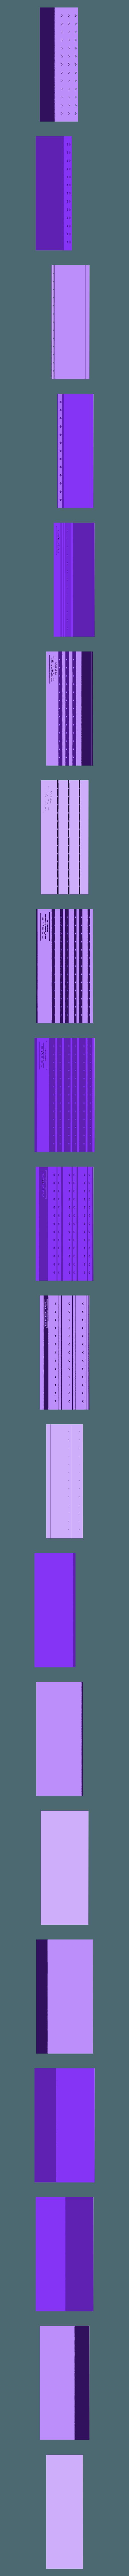 bit_holder_v2.stl Download free STL file Dremel Bit Holder • 3D printable object, simonlewis962